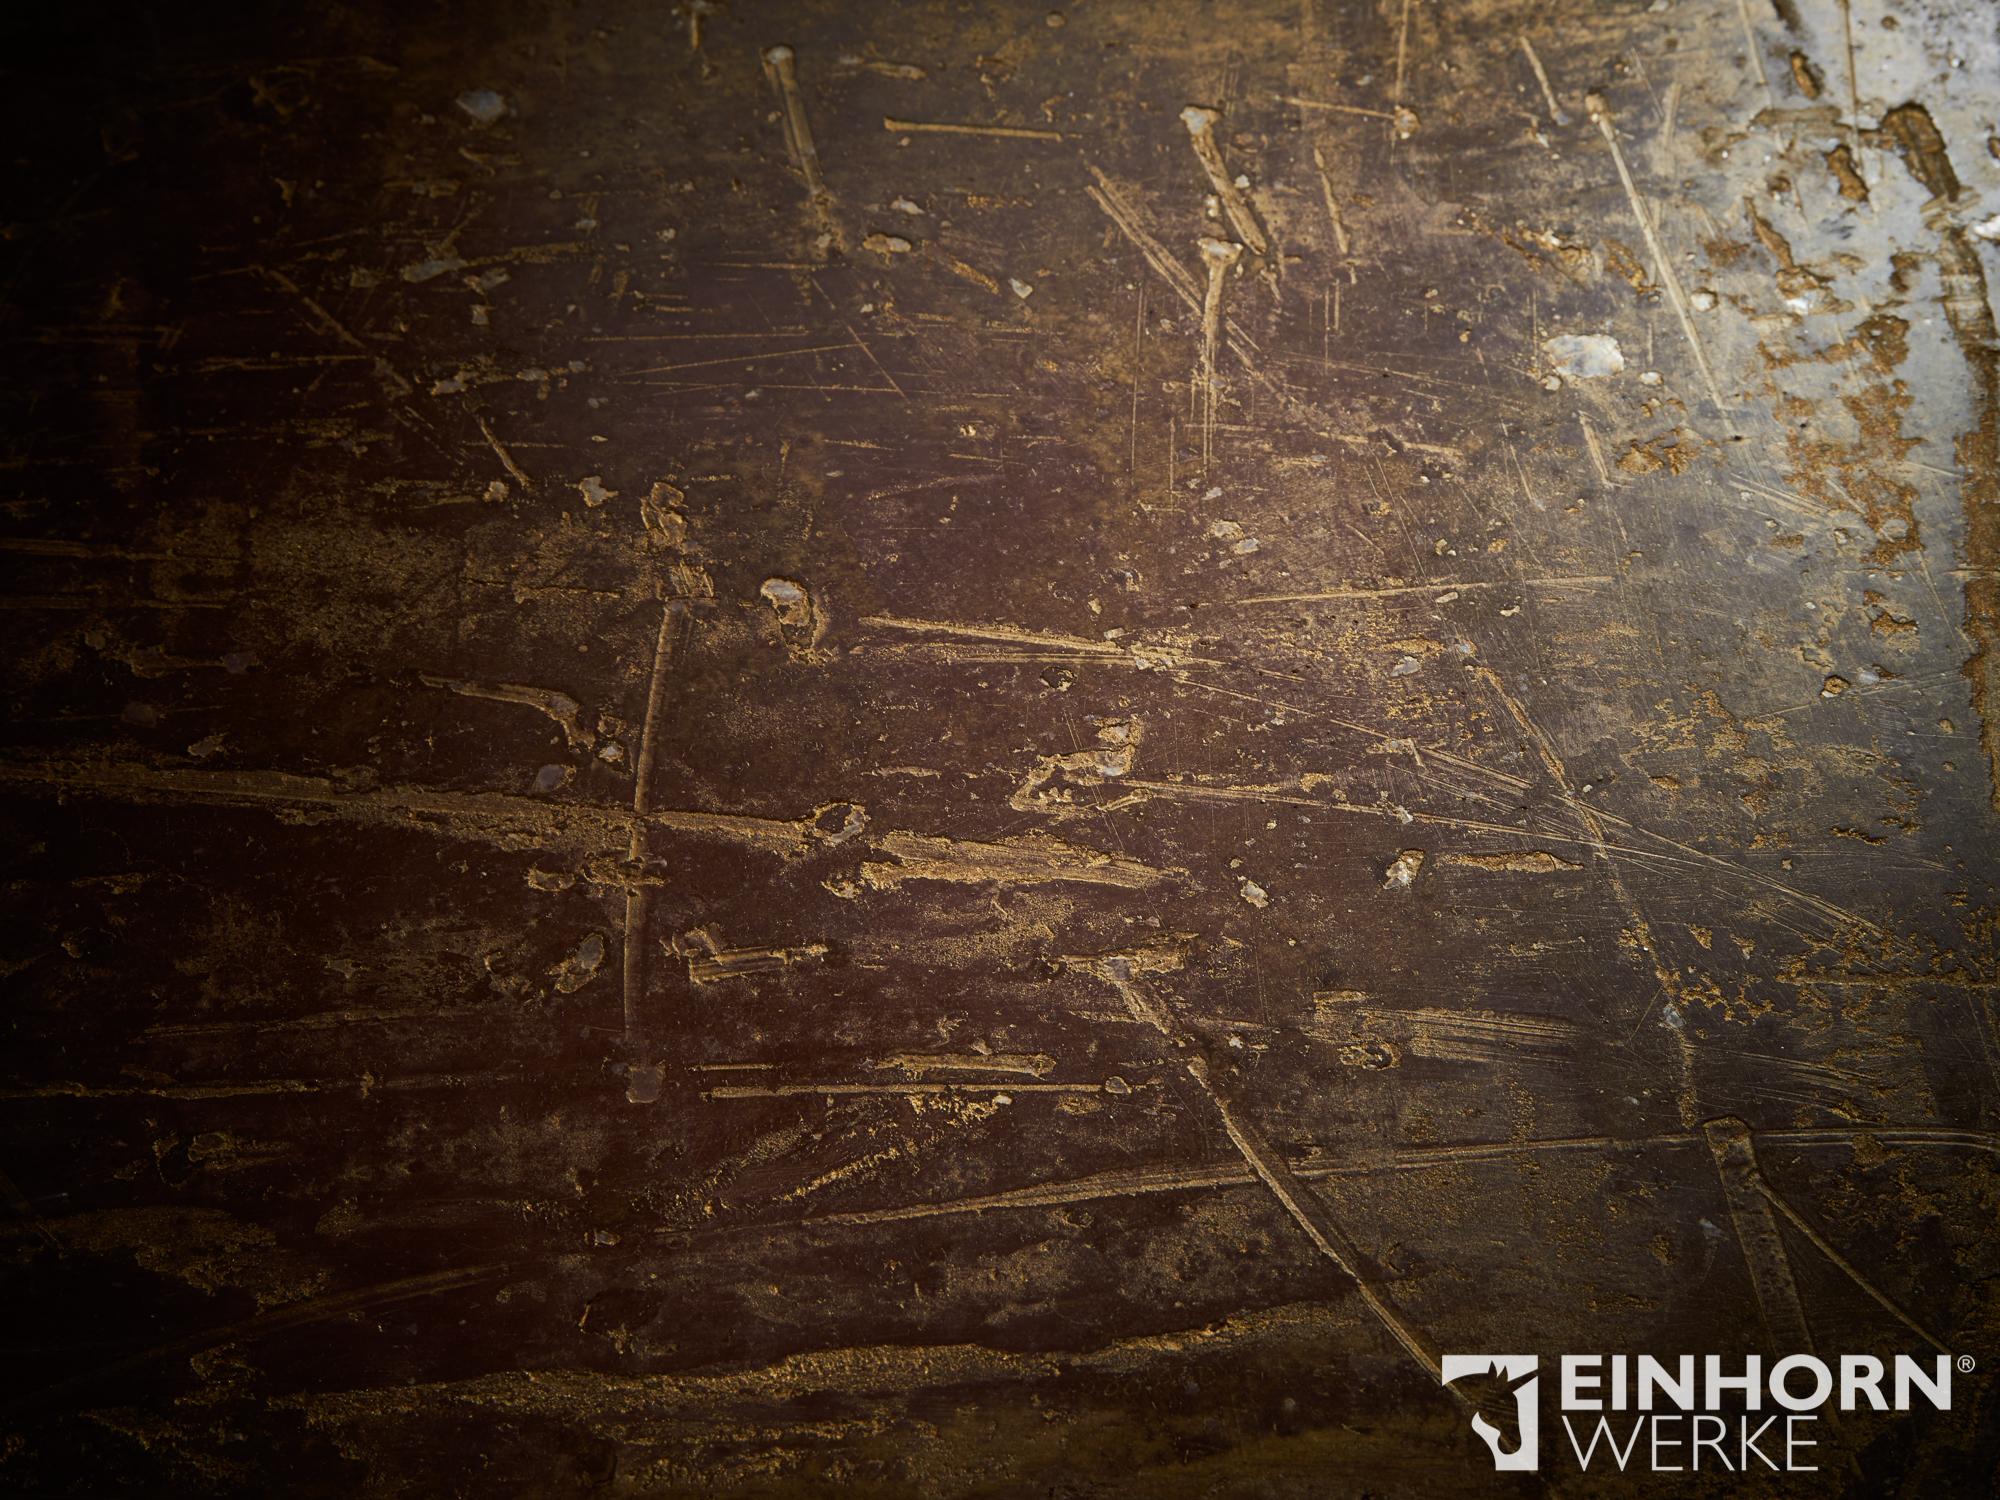 STUCCORINO 1306 + Perlglimmer grob + Stuccorino Fresco 1306 + Stuccorino Effect Feingold + Einhorn Werke Mmarmorputz